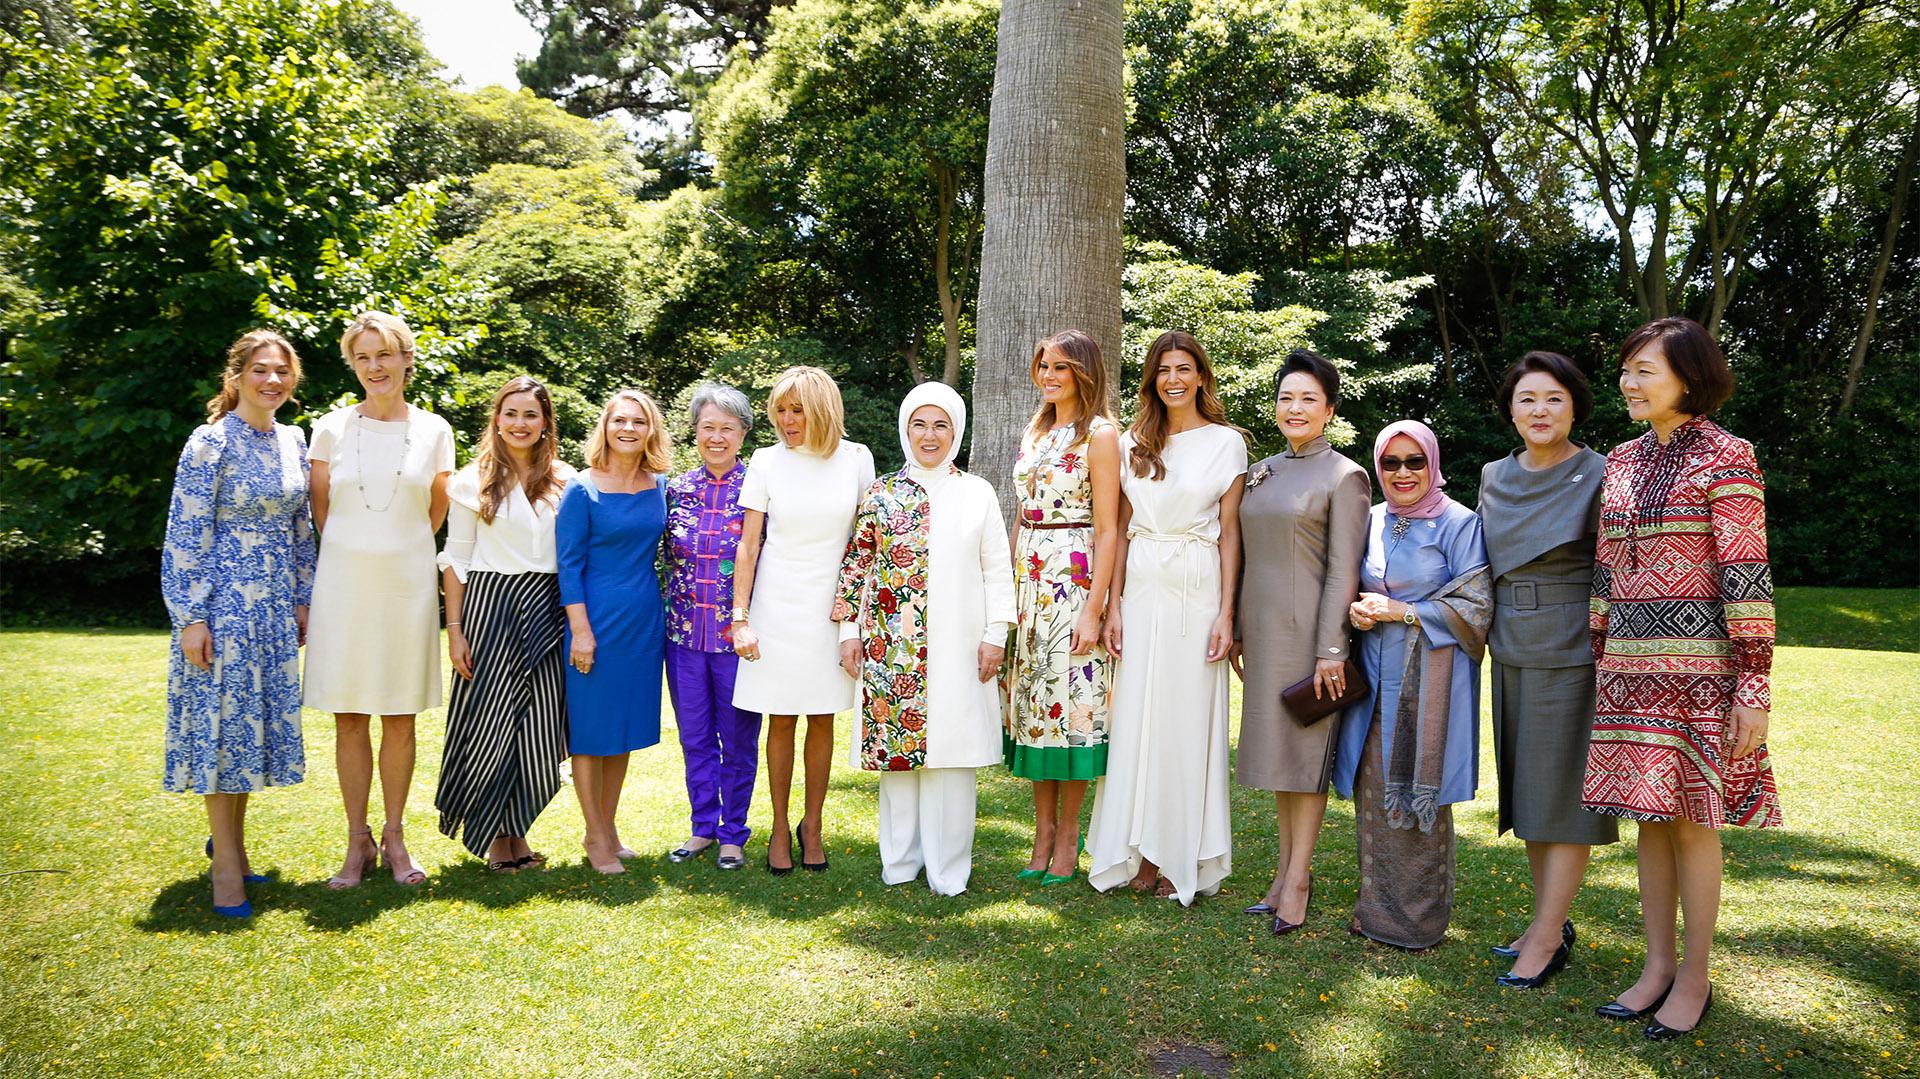 En los jardines de Villa Ocampo, las primeras damas recorrieron la casona de la mano de la anfitriona de la jornada, Juliana Awada